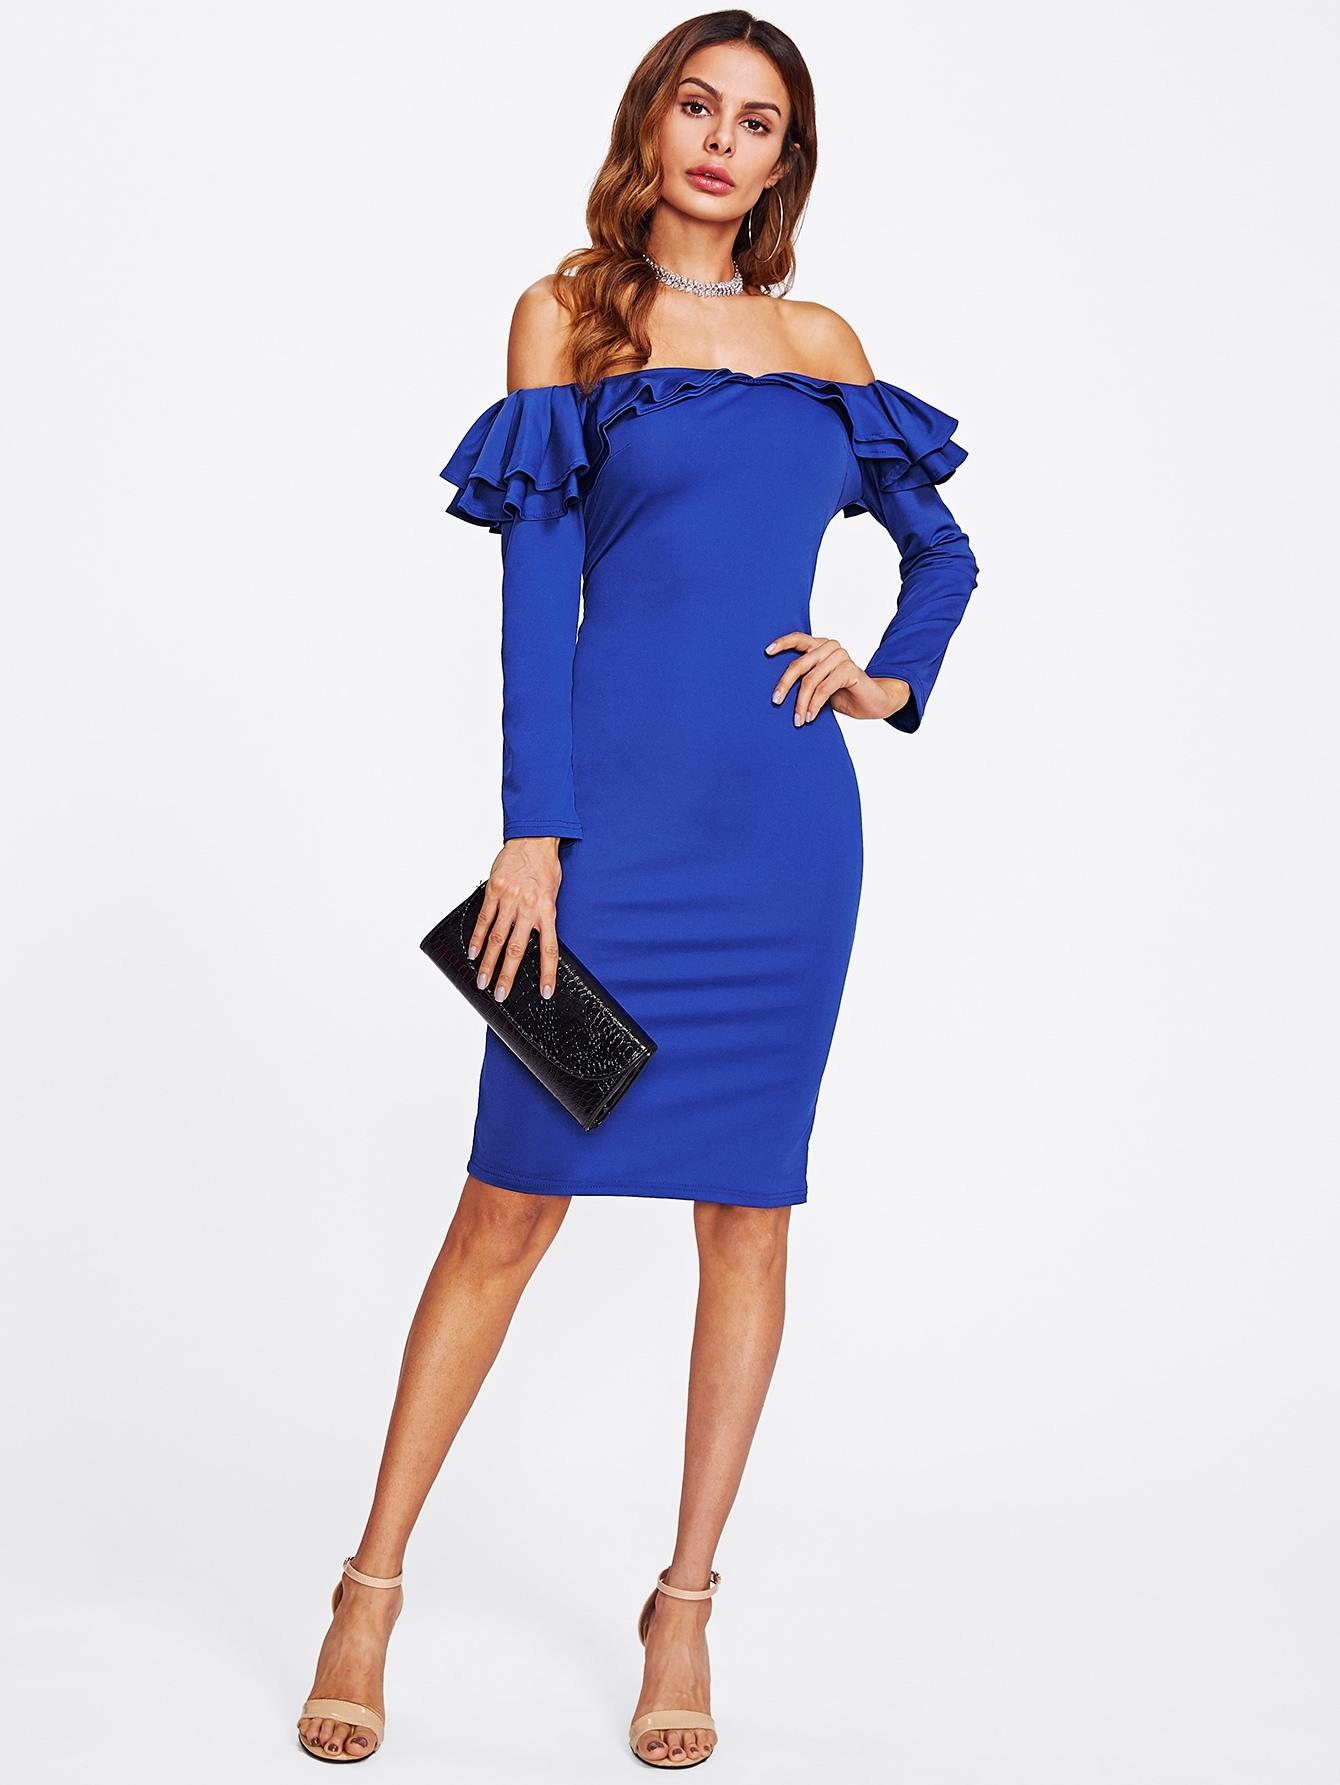 15 Luxus Kleid Blau Langarm Ärmel15 Einfach Kleid Blau Langarm Spezialgebiet